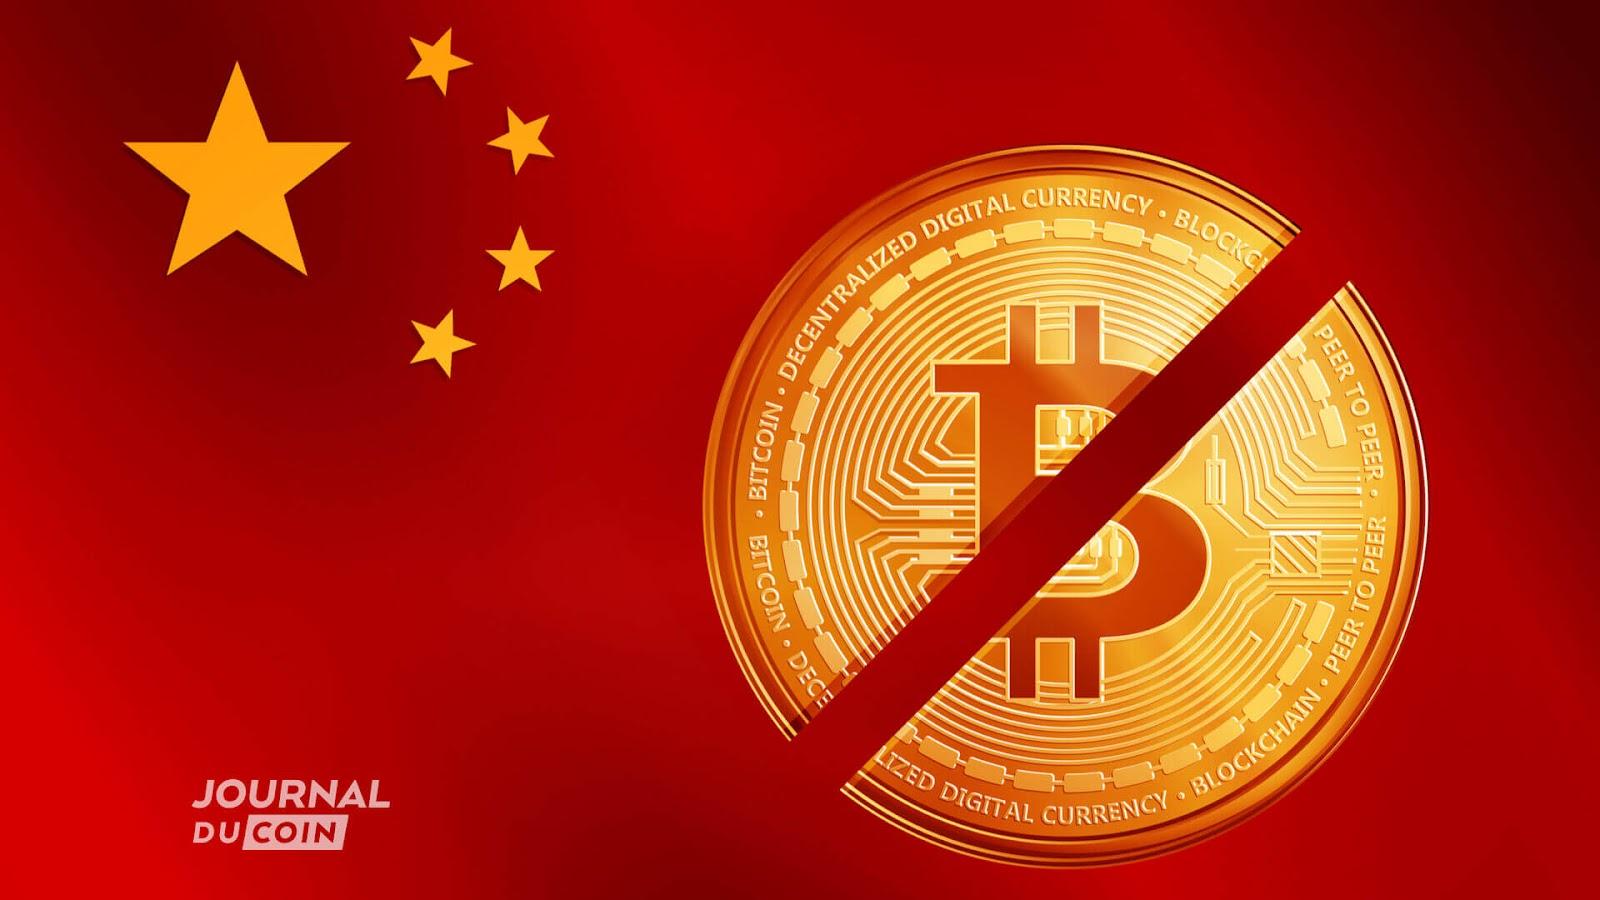 La Chine a récemment interdit le minage de Bitcoins, créant un appel d'air pour les acteurs internationaux du secteur